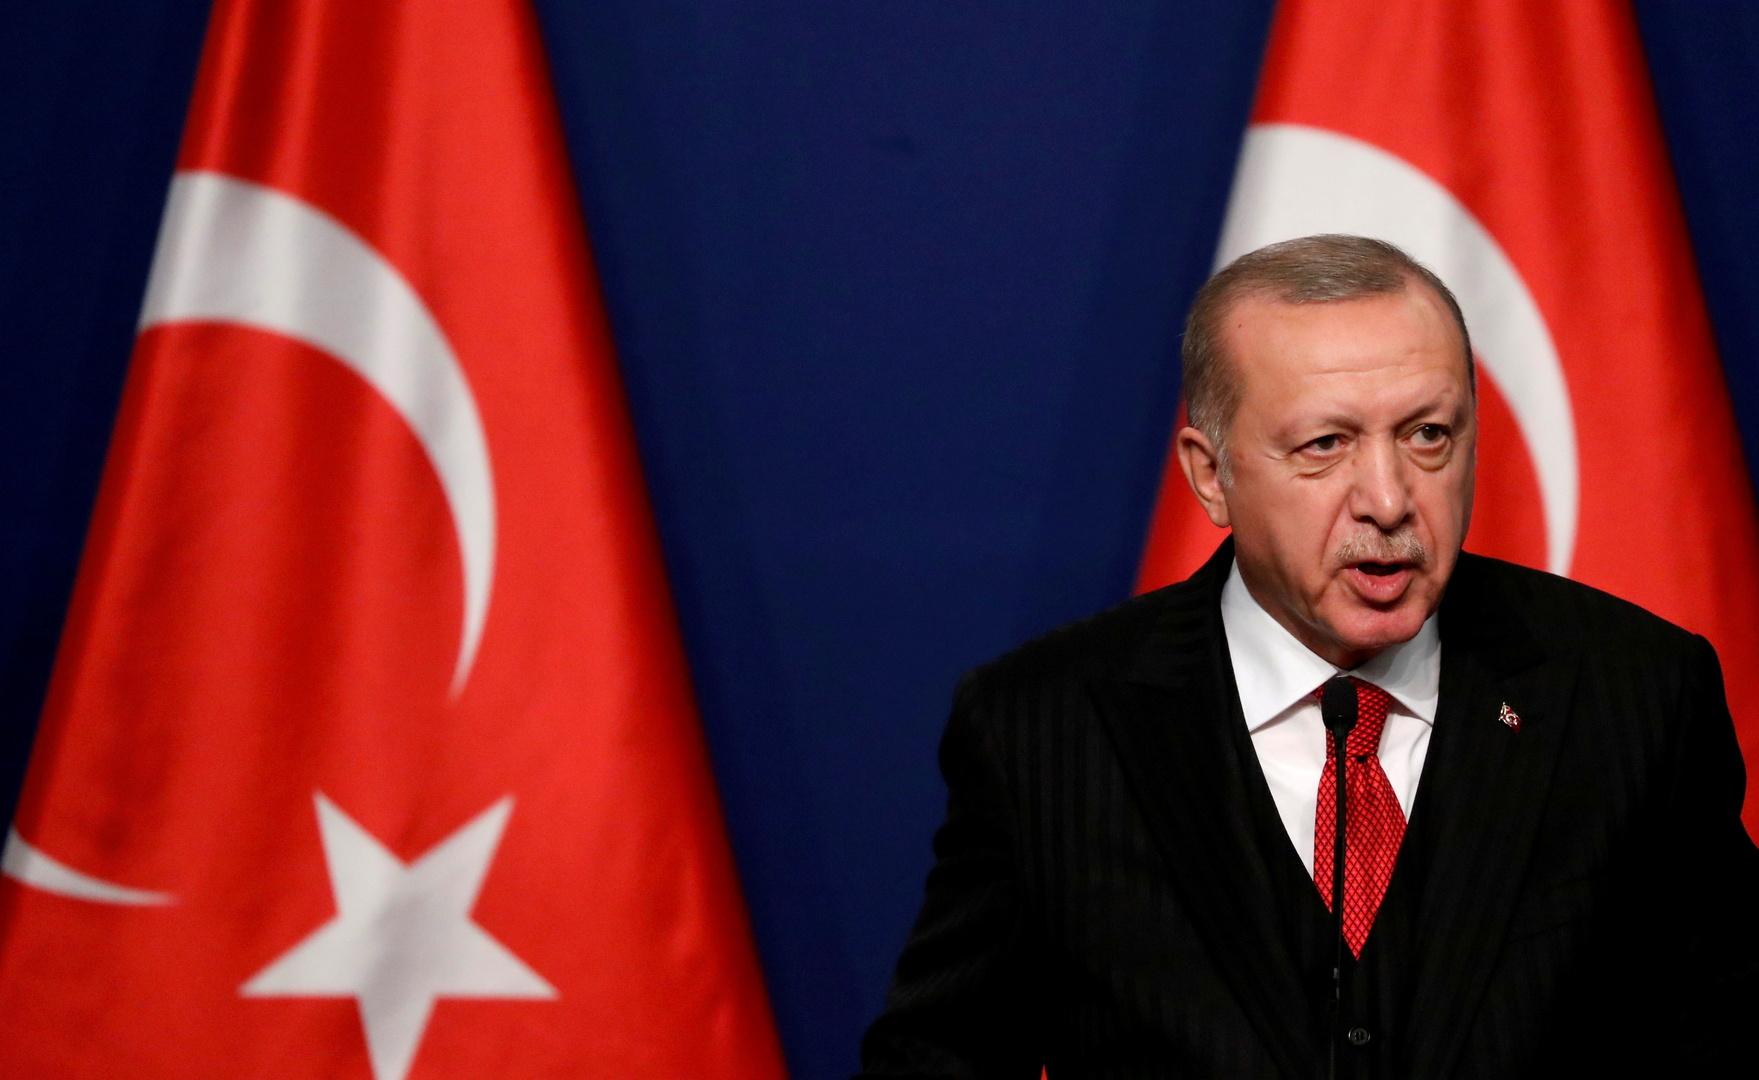 أردوغان يرفع دعوى قضائية ضد زعيم المعارضة التركية